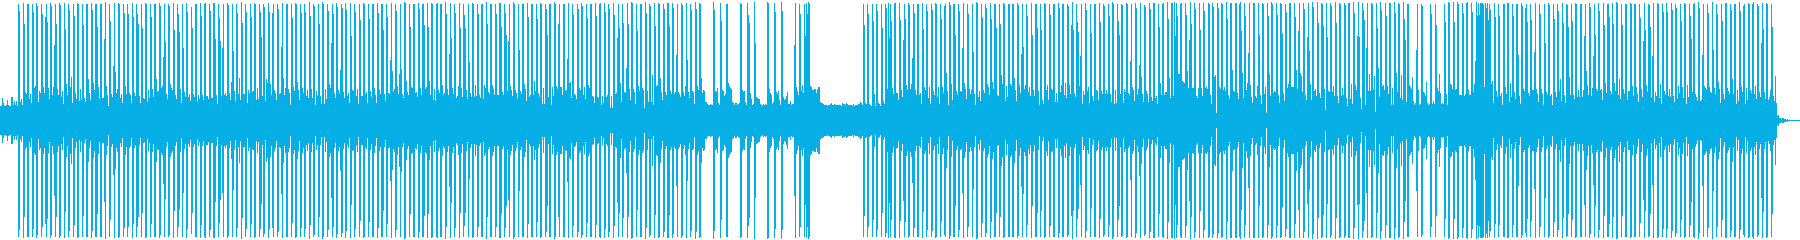 【8bit風】エリーゼのためにの再生済みの波形